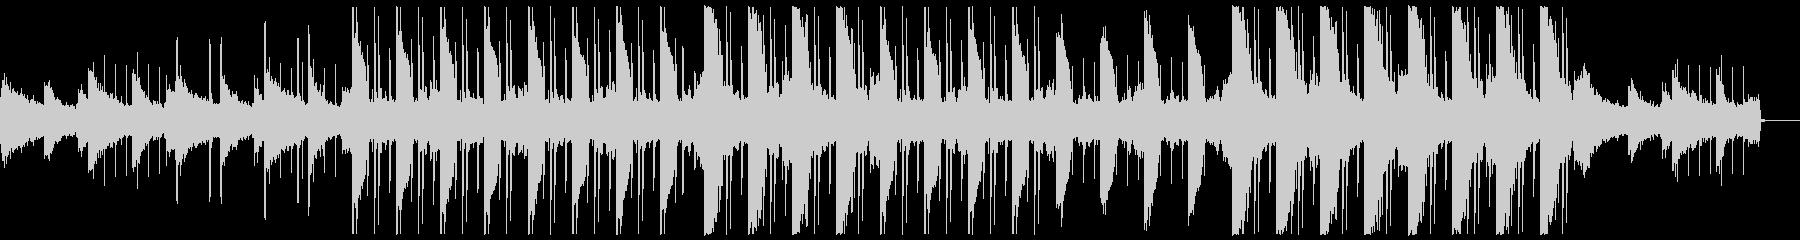 幻想的で切ないチルアウトBGMの未再生の波形